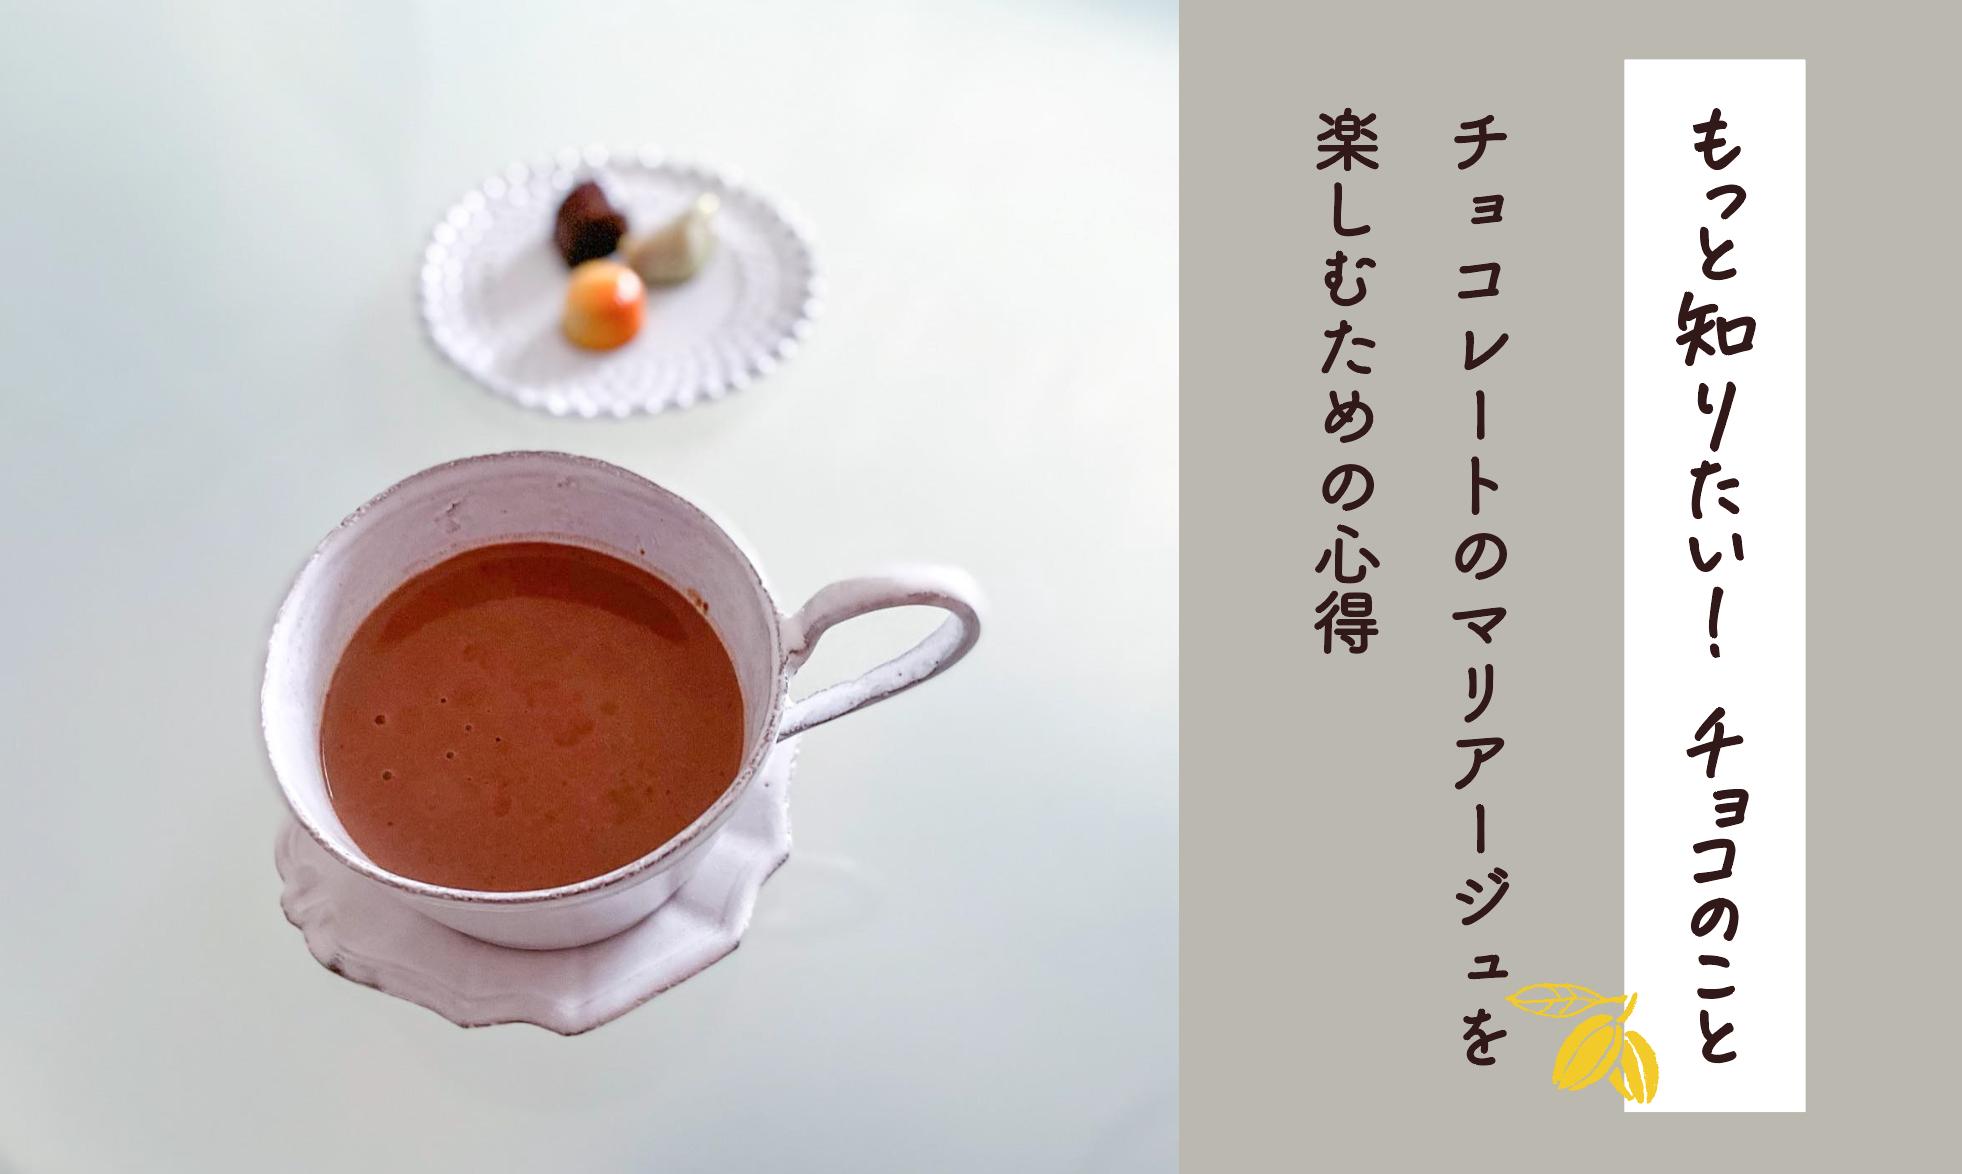 【もっと知りたい!チョコのことVol.4】チョコレートのマリアージュを楽しむための心得